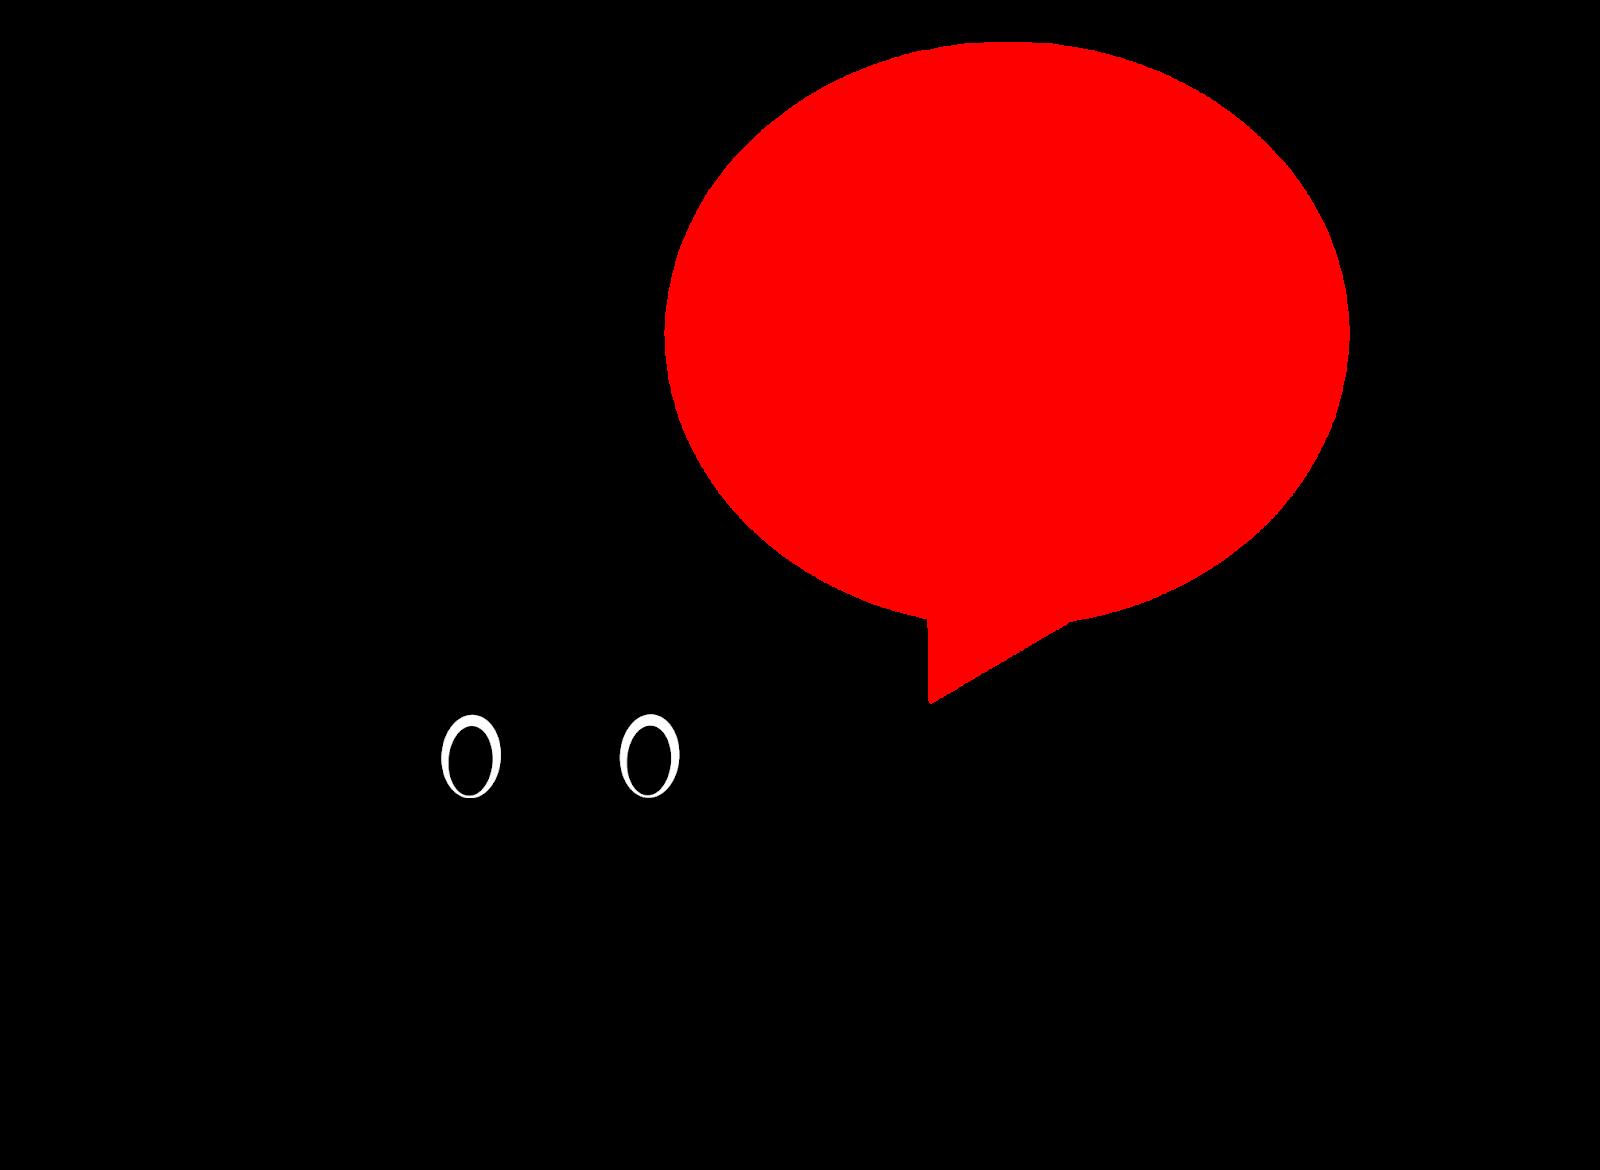 Illustration of corona virus silhouette